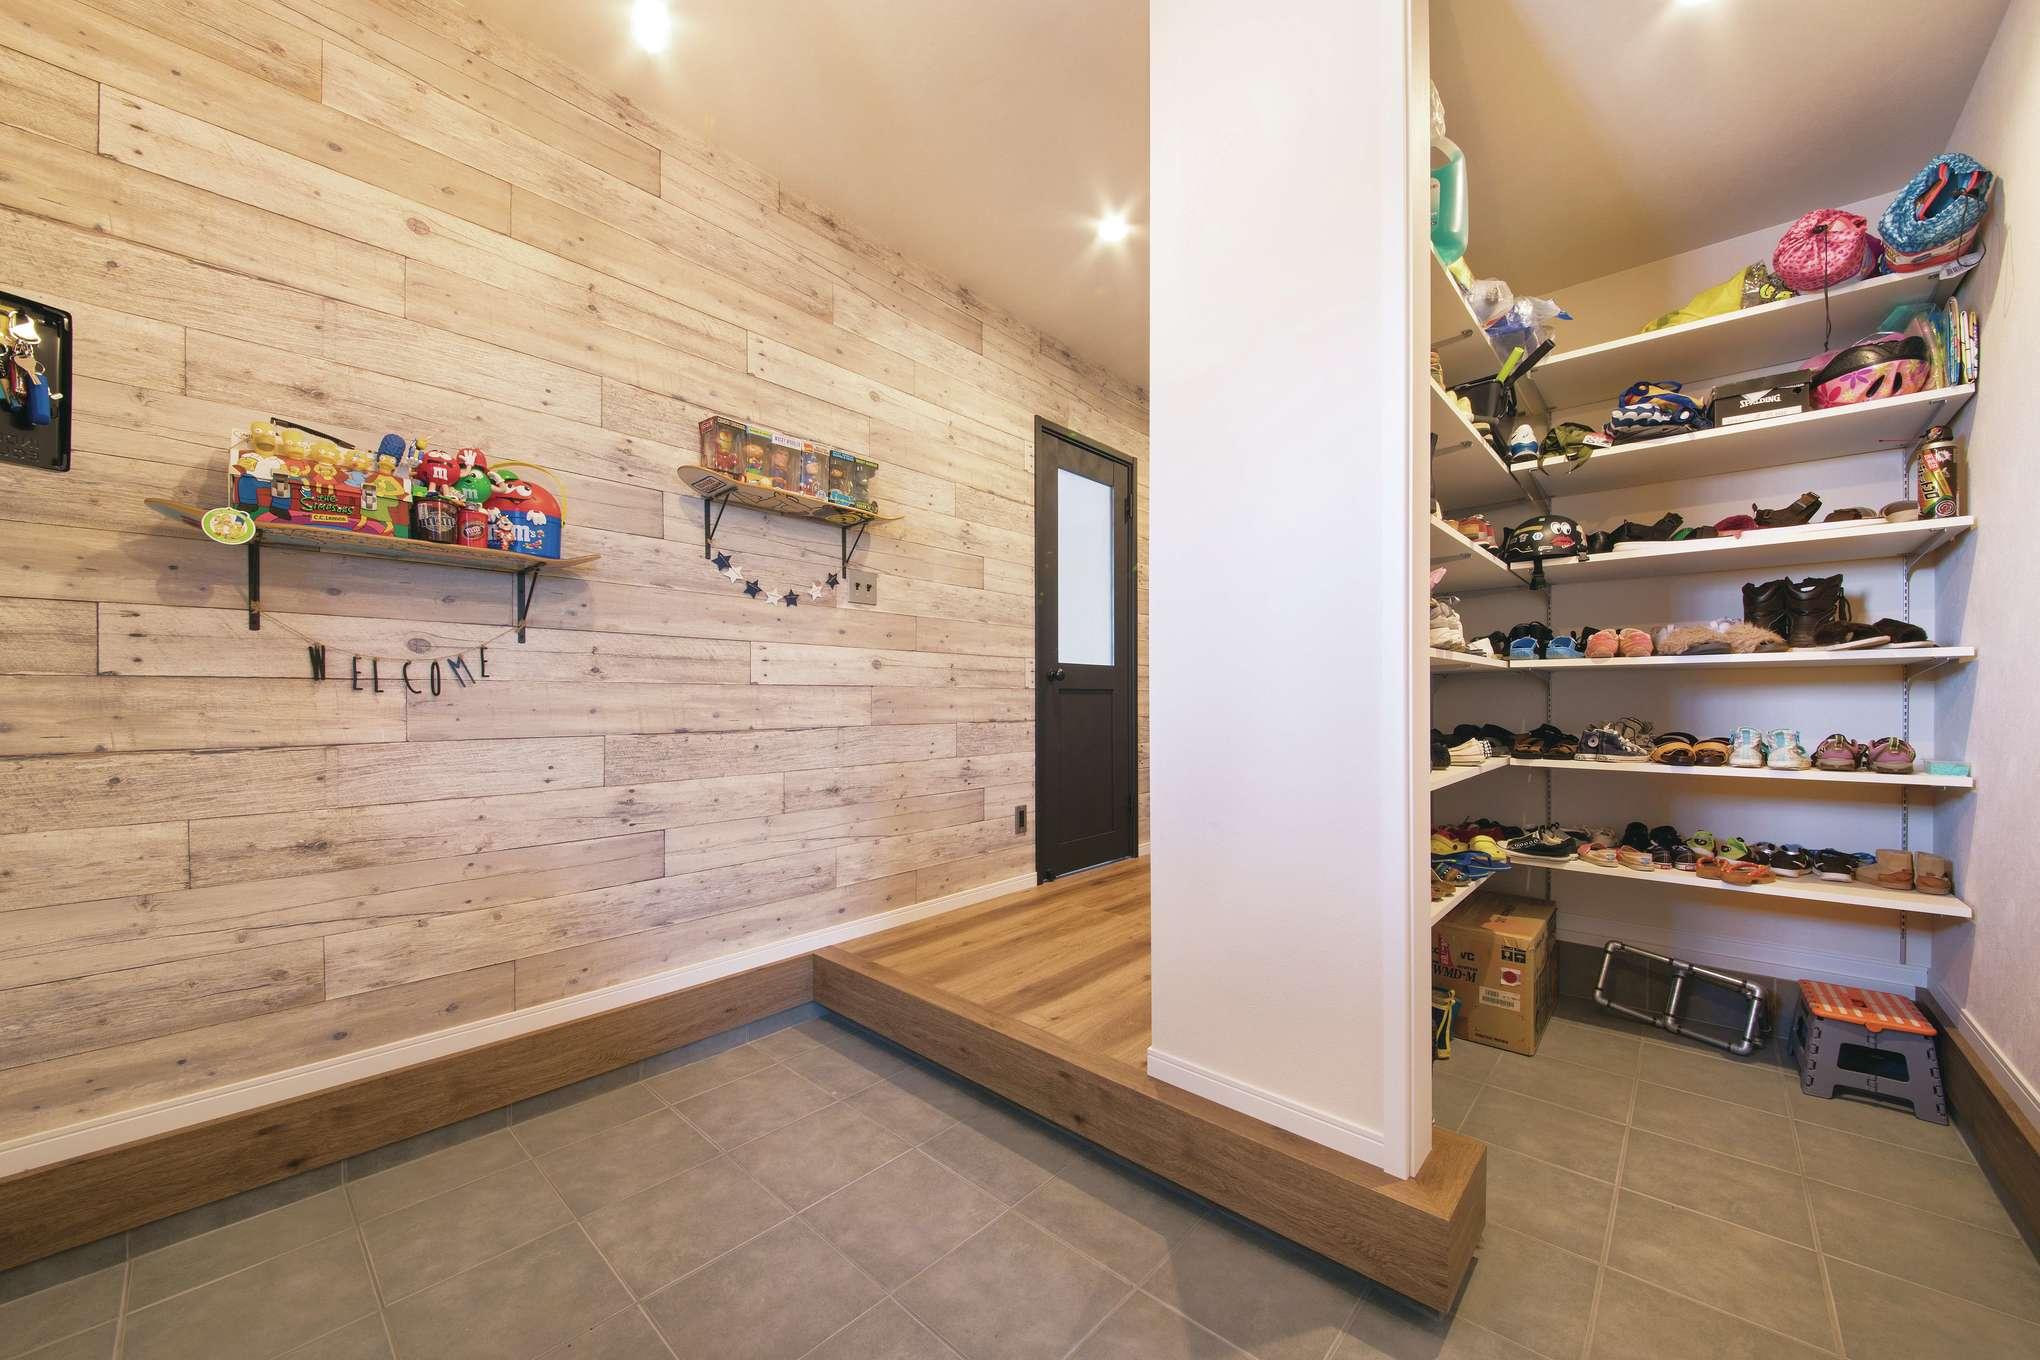 木場建築設計 KIBA-AD【デザイン住宅、屋上バルコニー、趣味】土間仕上げのゆったりとした玄関ホール。インナーガレージにも直結